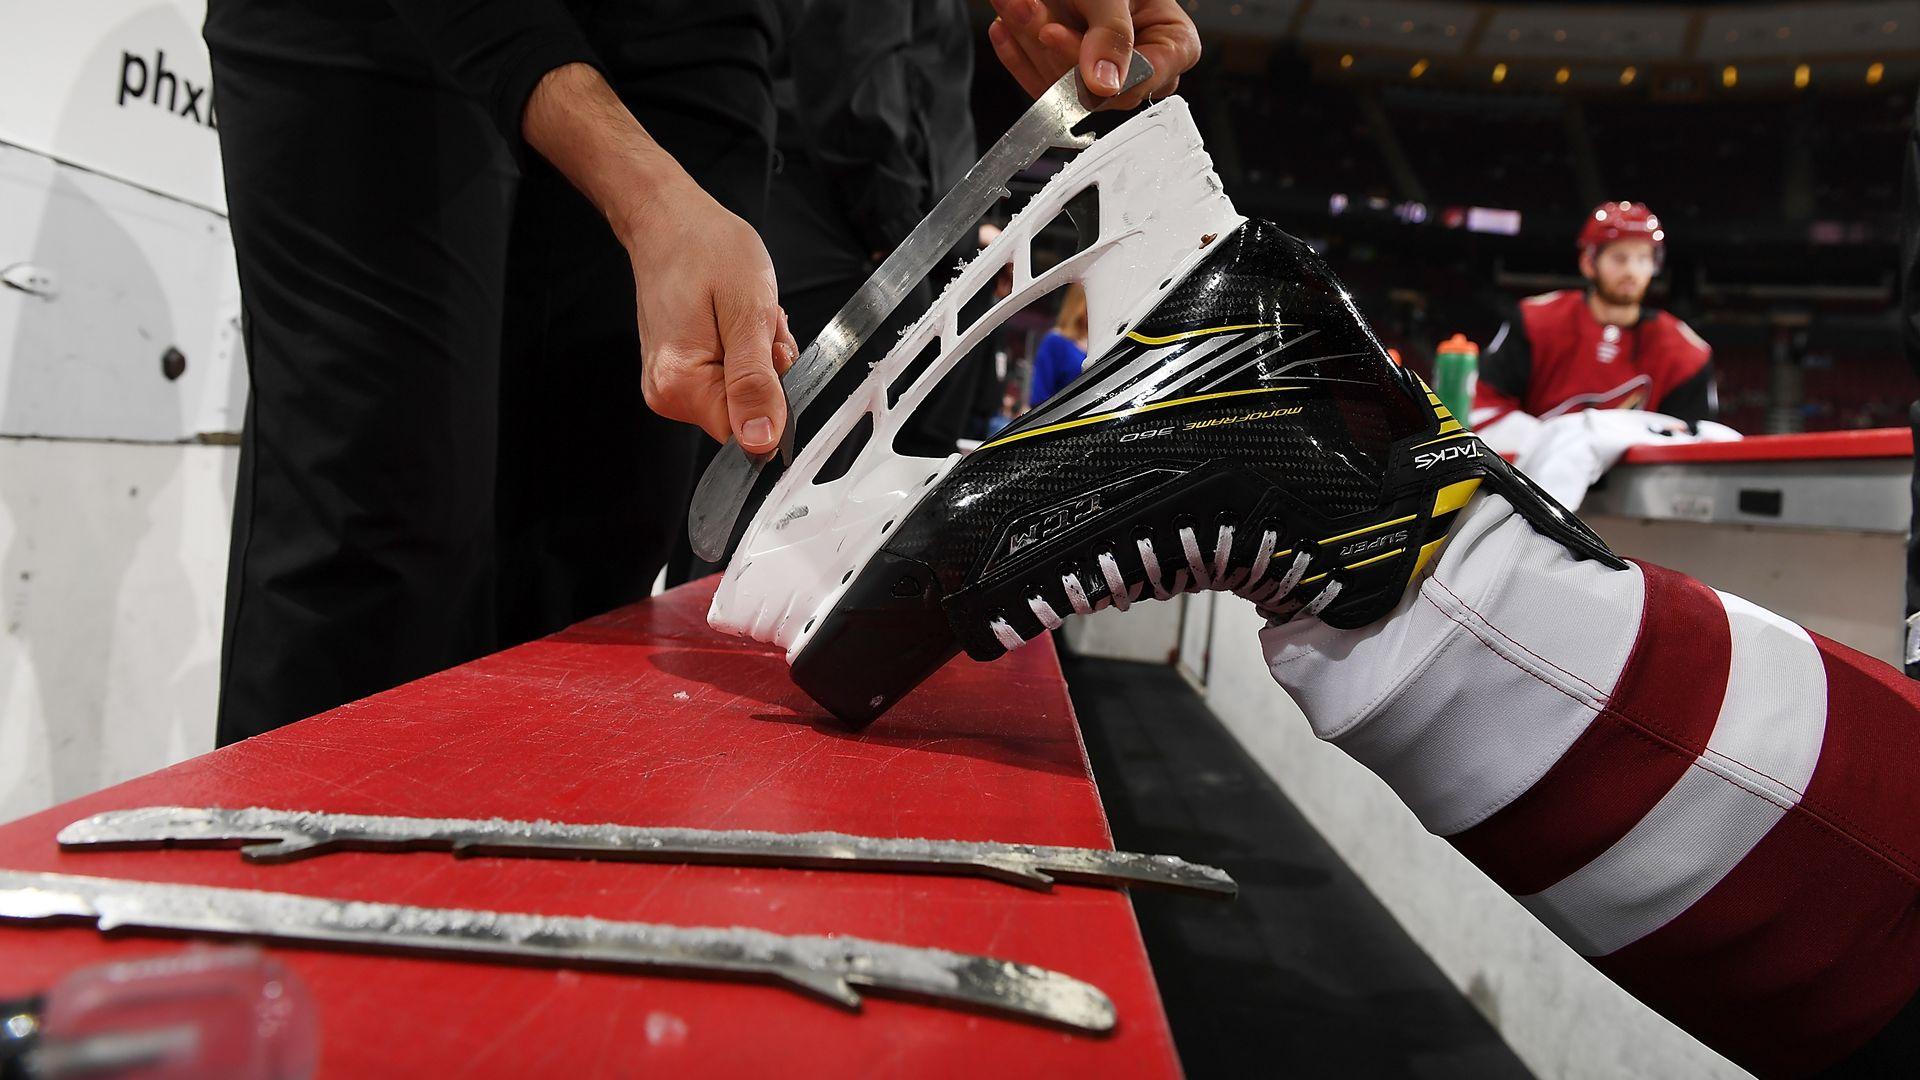 NHL blades